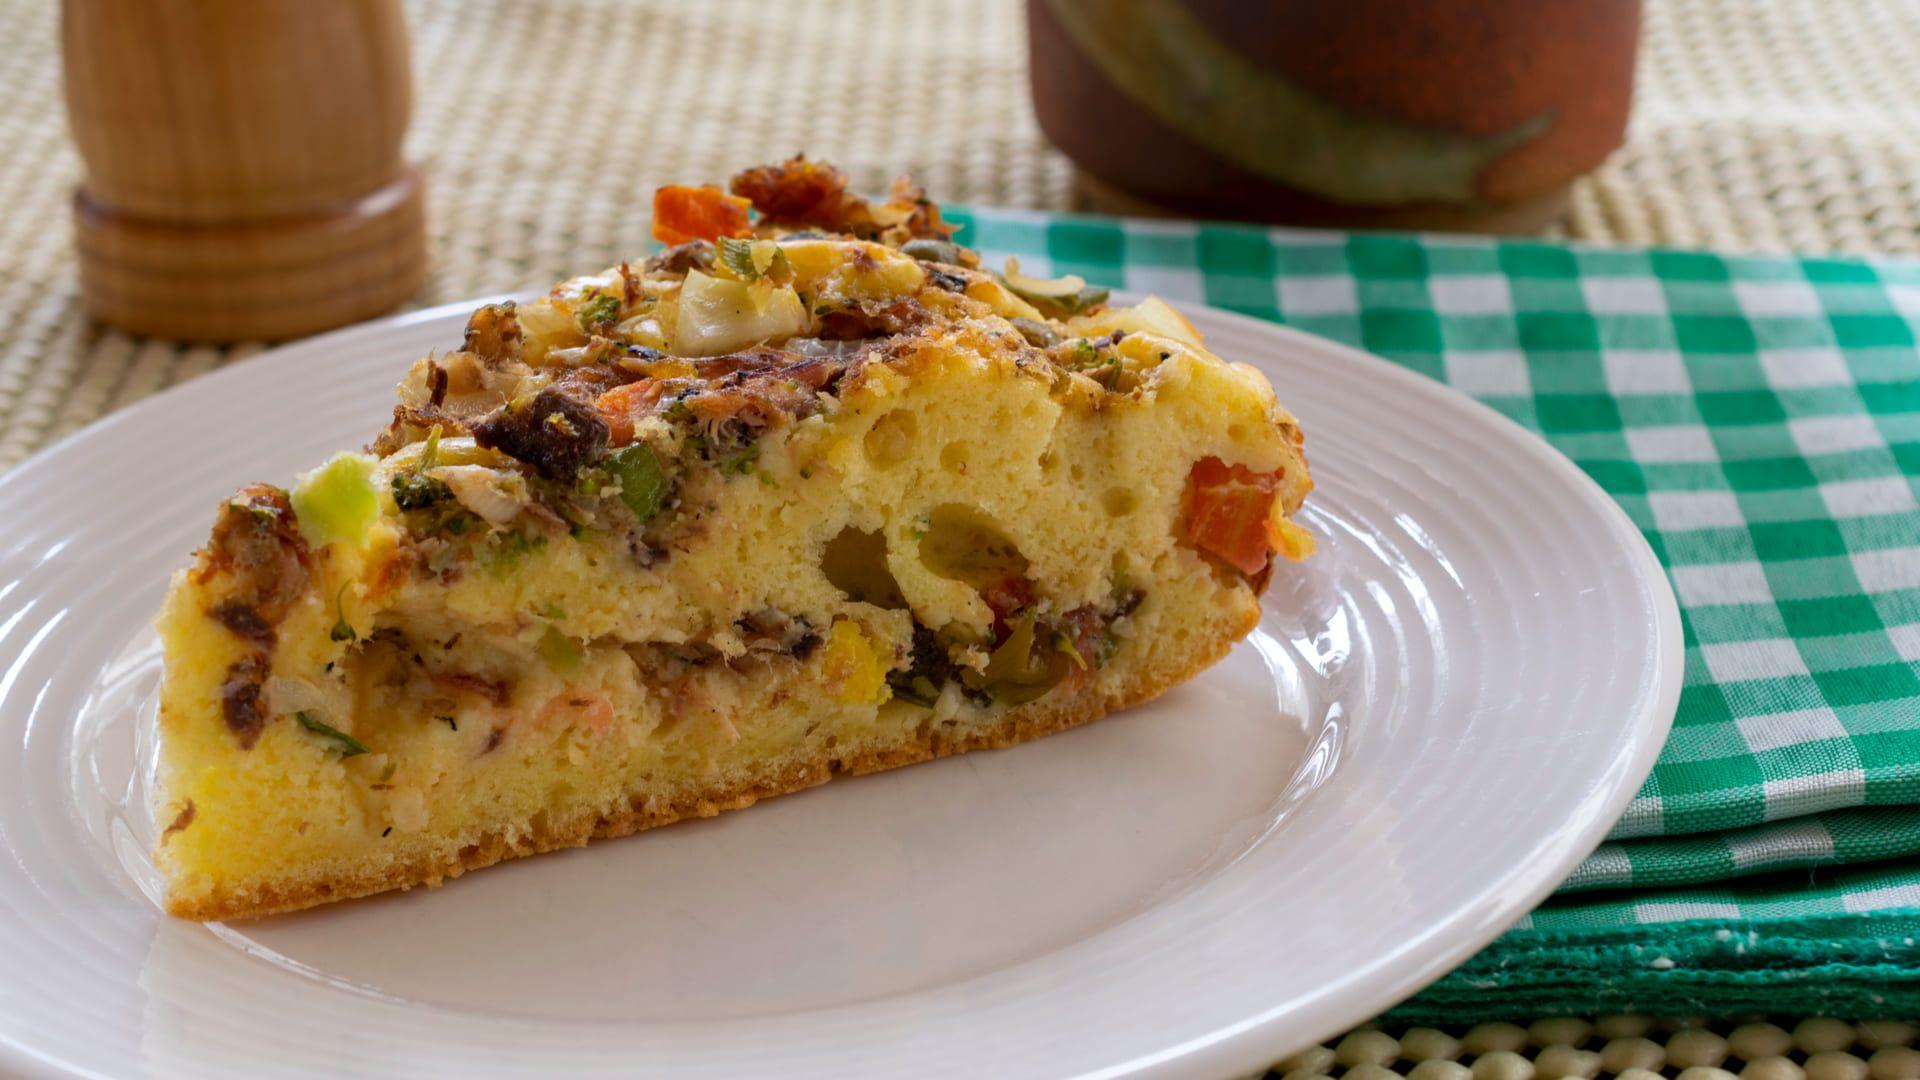 Veja o passo a passo da torta de sardinha no liquidificador abaixo! (Imagem: Reprodução/Shutterstock)